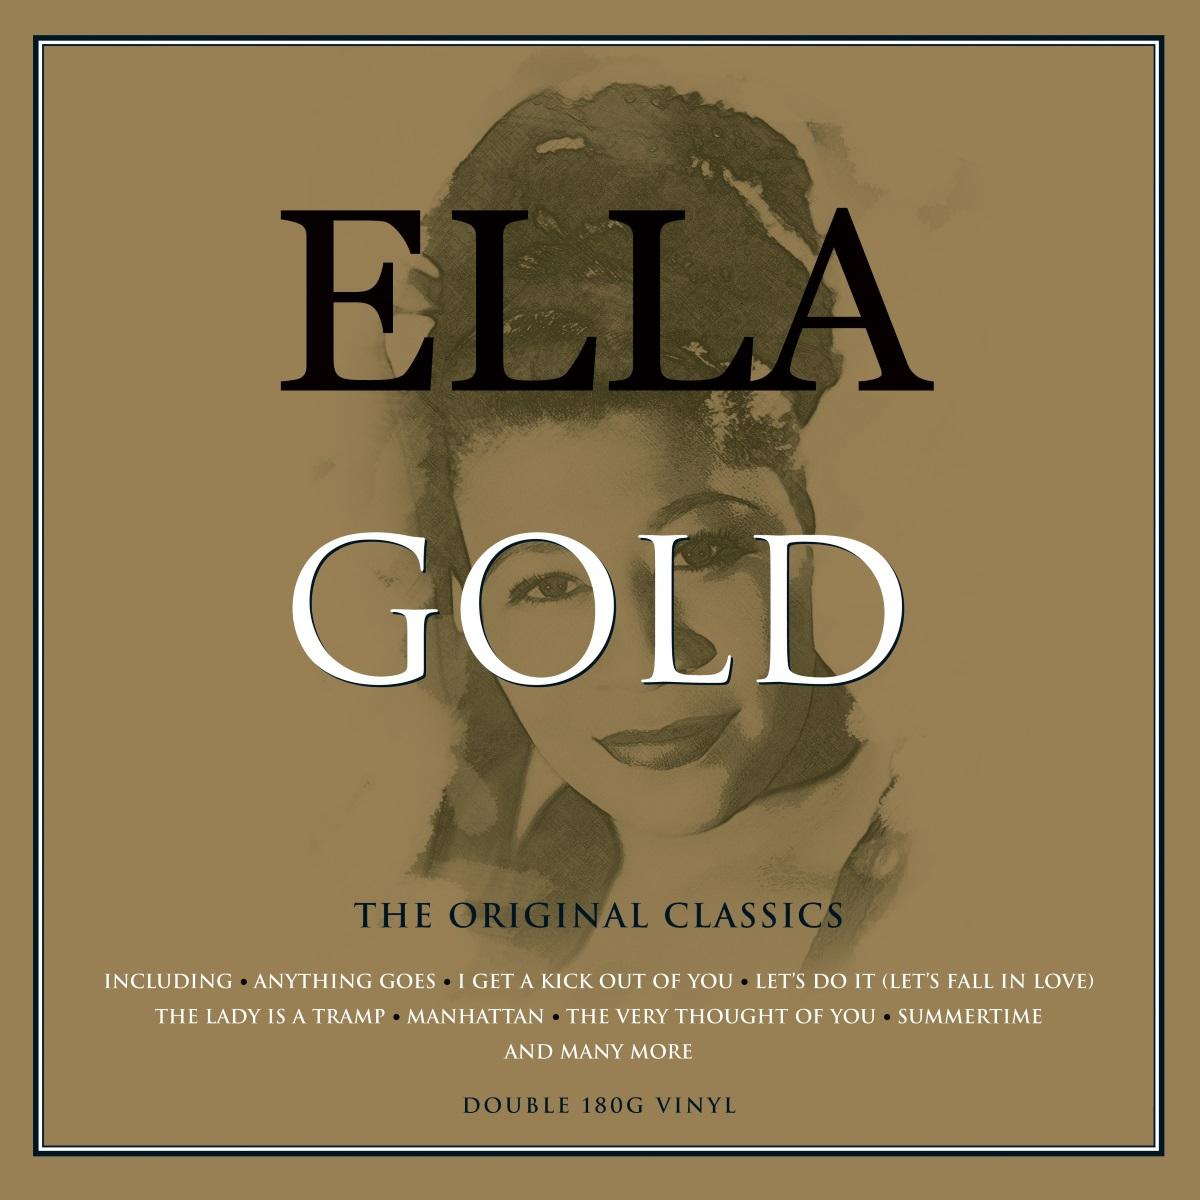 Ella Fitzgerald – Gold (2 LP)В альбоме Ella Fitzgerald – Gold собраны самые лучшие треки легендарной джазовой певицы Эллы Фитцджеральд.<br>